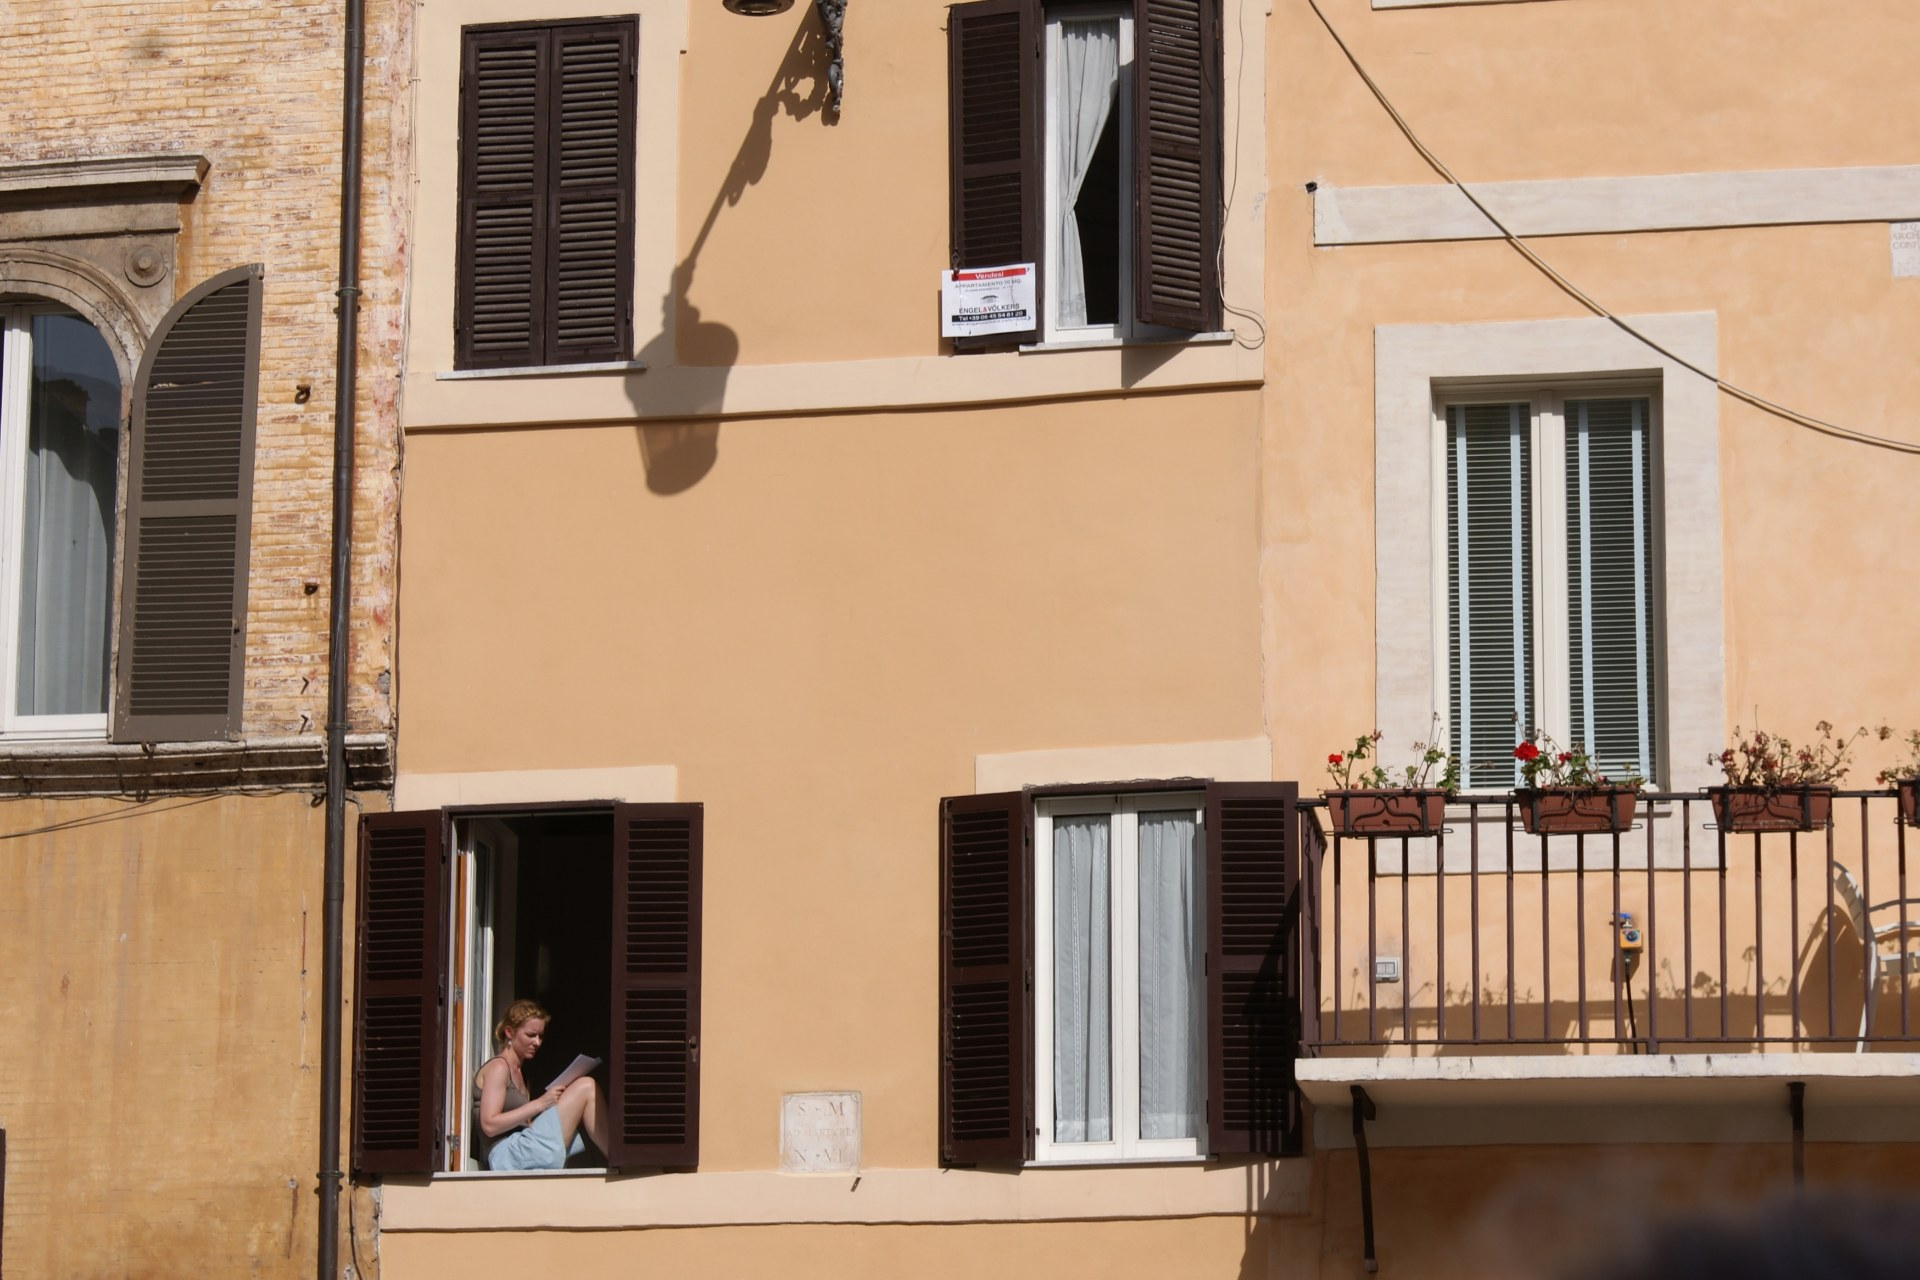 Images - Stald - Rome Printemps 2016 - 04:06 - 27